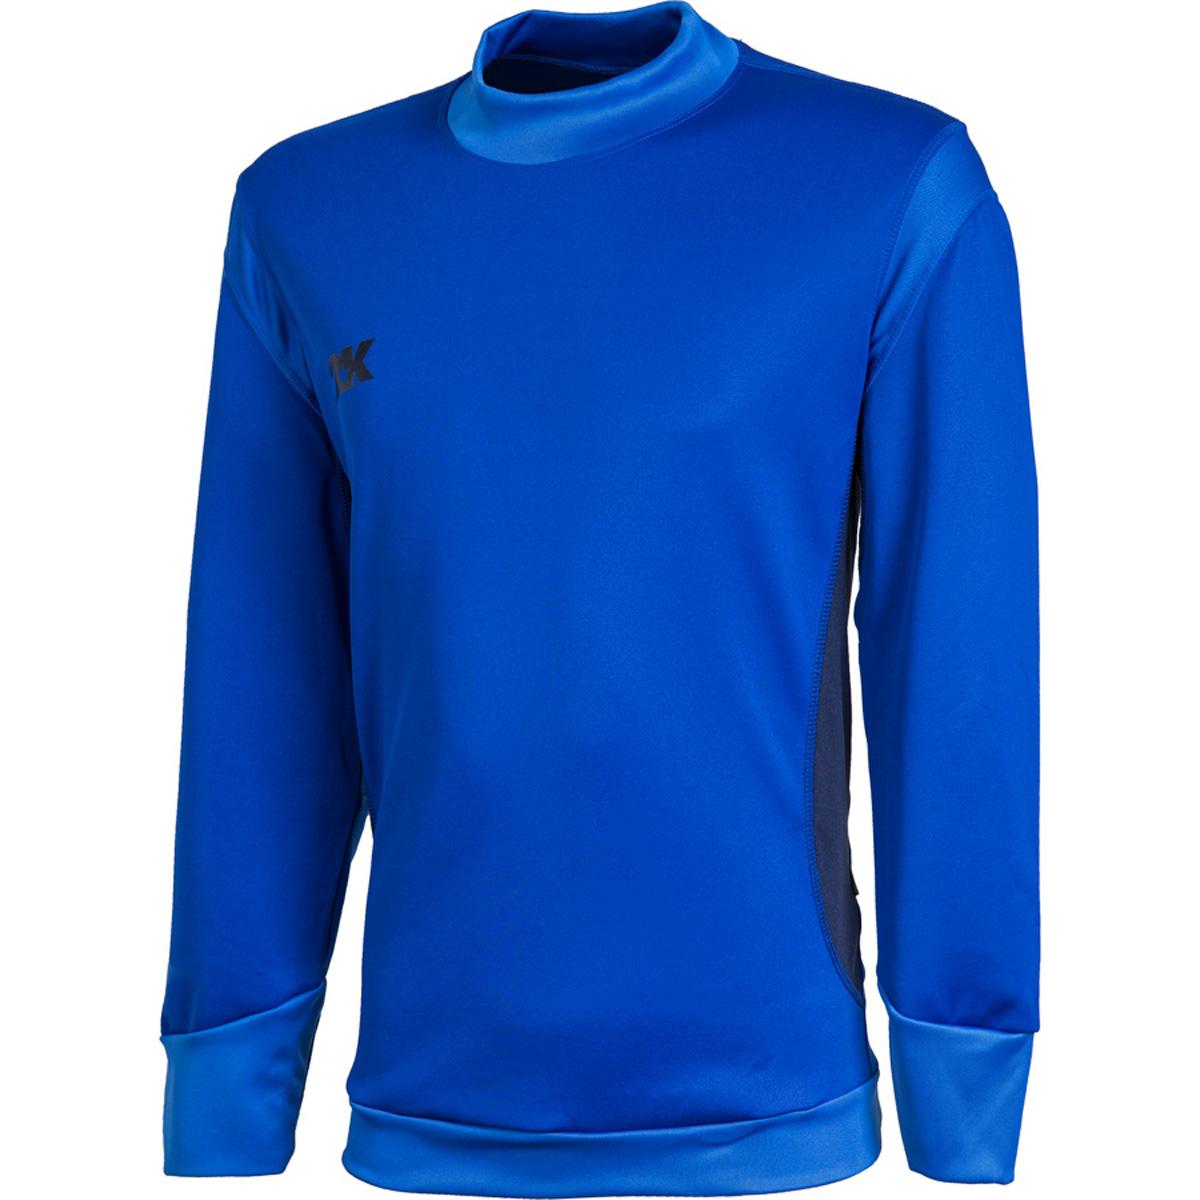 Тренировочный лонгслив 2K Sport Vettore, цвет: синий, темно-синий. 111135. Размер XXL (54)111135_royal/navyТренировочный лонгслив 2K Vettore предназначен для тренировок в теплое время года, а также отлично подходит для повседневной носки. Вентилируемая ткань, обеспечивающая эффективный отвод влаги и сохранение тепла. Анатомический крой манжет на рукавах.